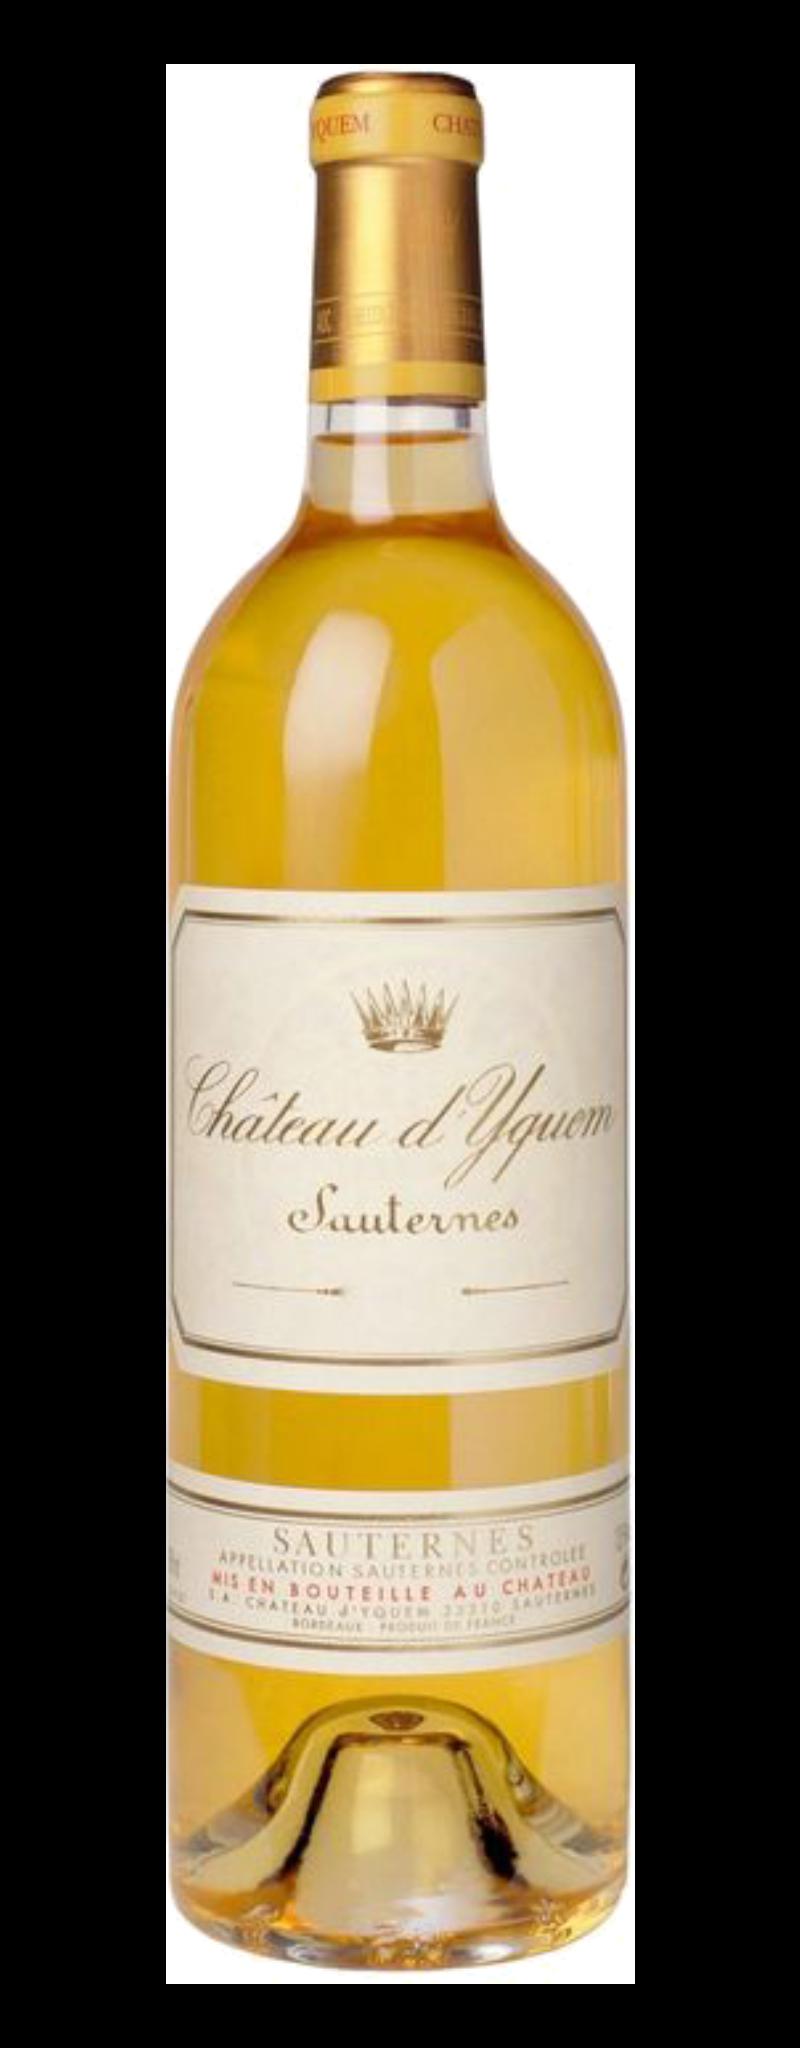 Chateau d'Yquem 1997 - Sauternes  - 750ml